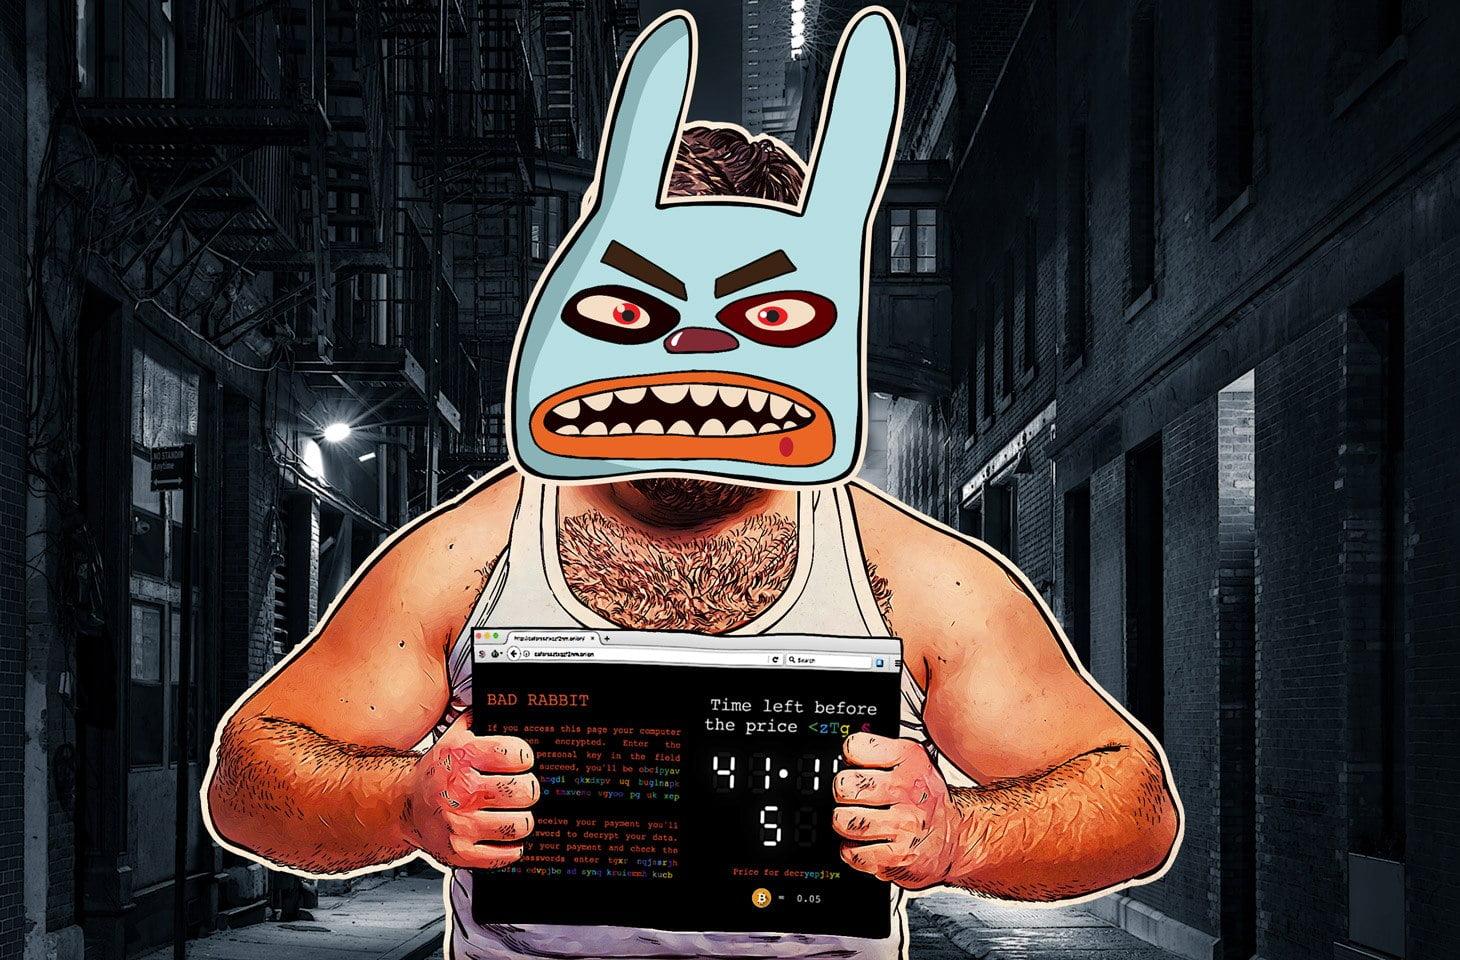 BTK, 'Bad Rabbit'ten Korunma Yöntemlerini Açıkladı!